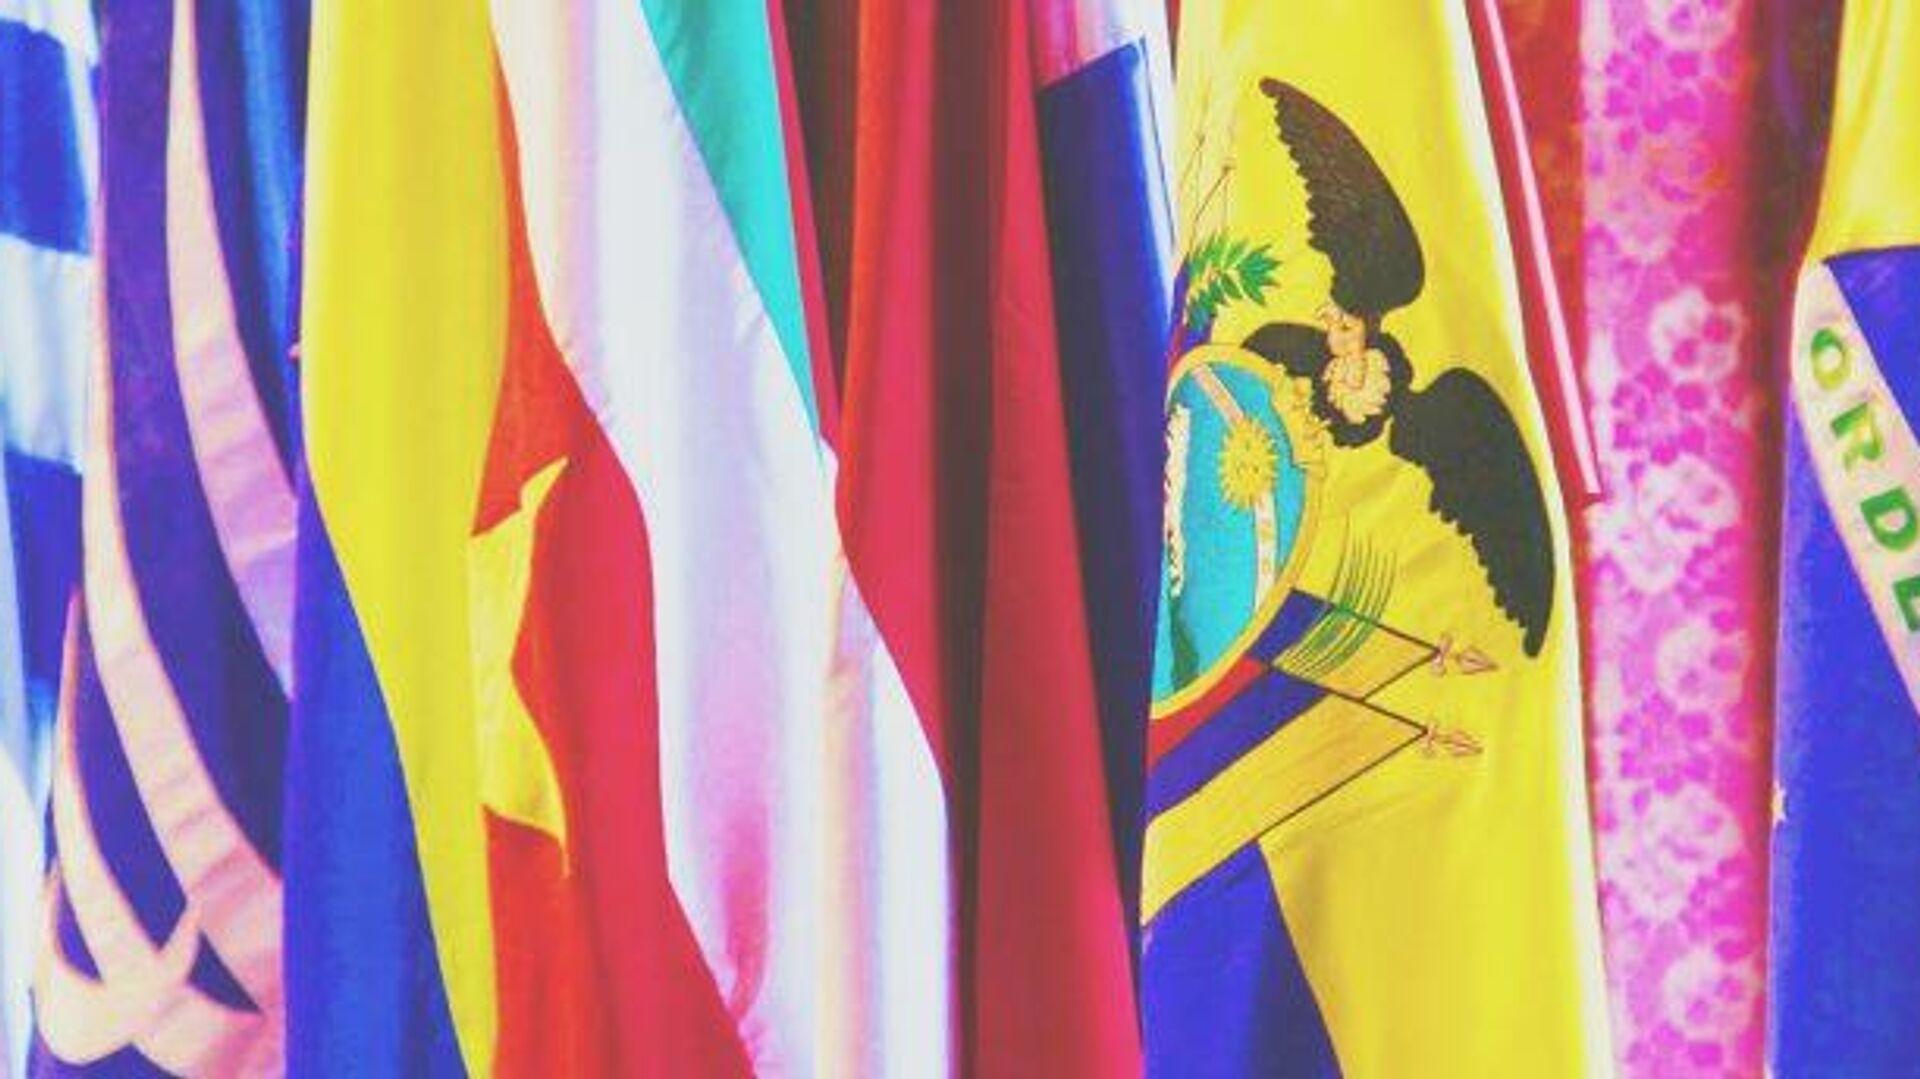 Ecuador: Alertan sobre repunte de COVID-19 en Guayaquil y Quito - Sputnik Mundo, 1920, 06.04.2021